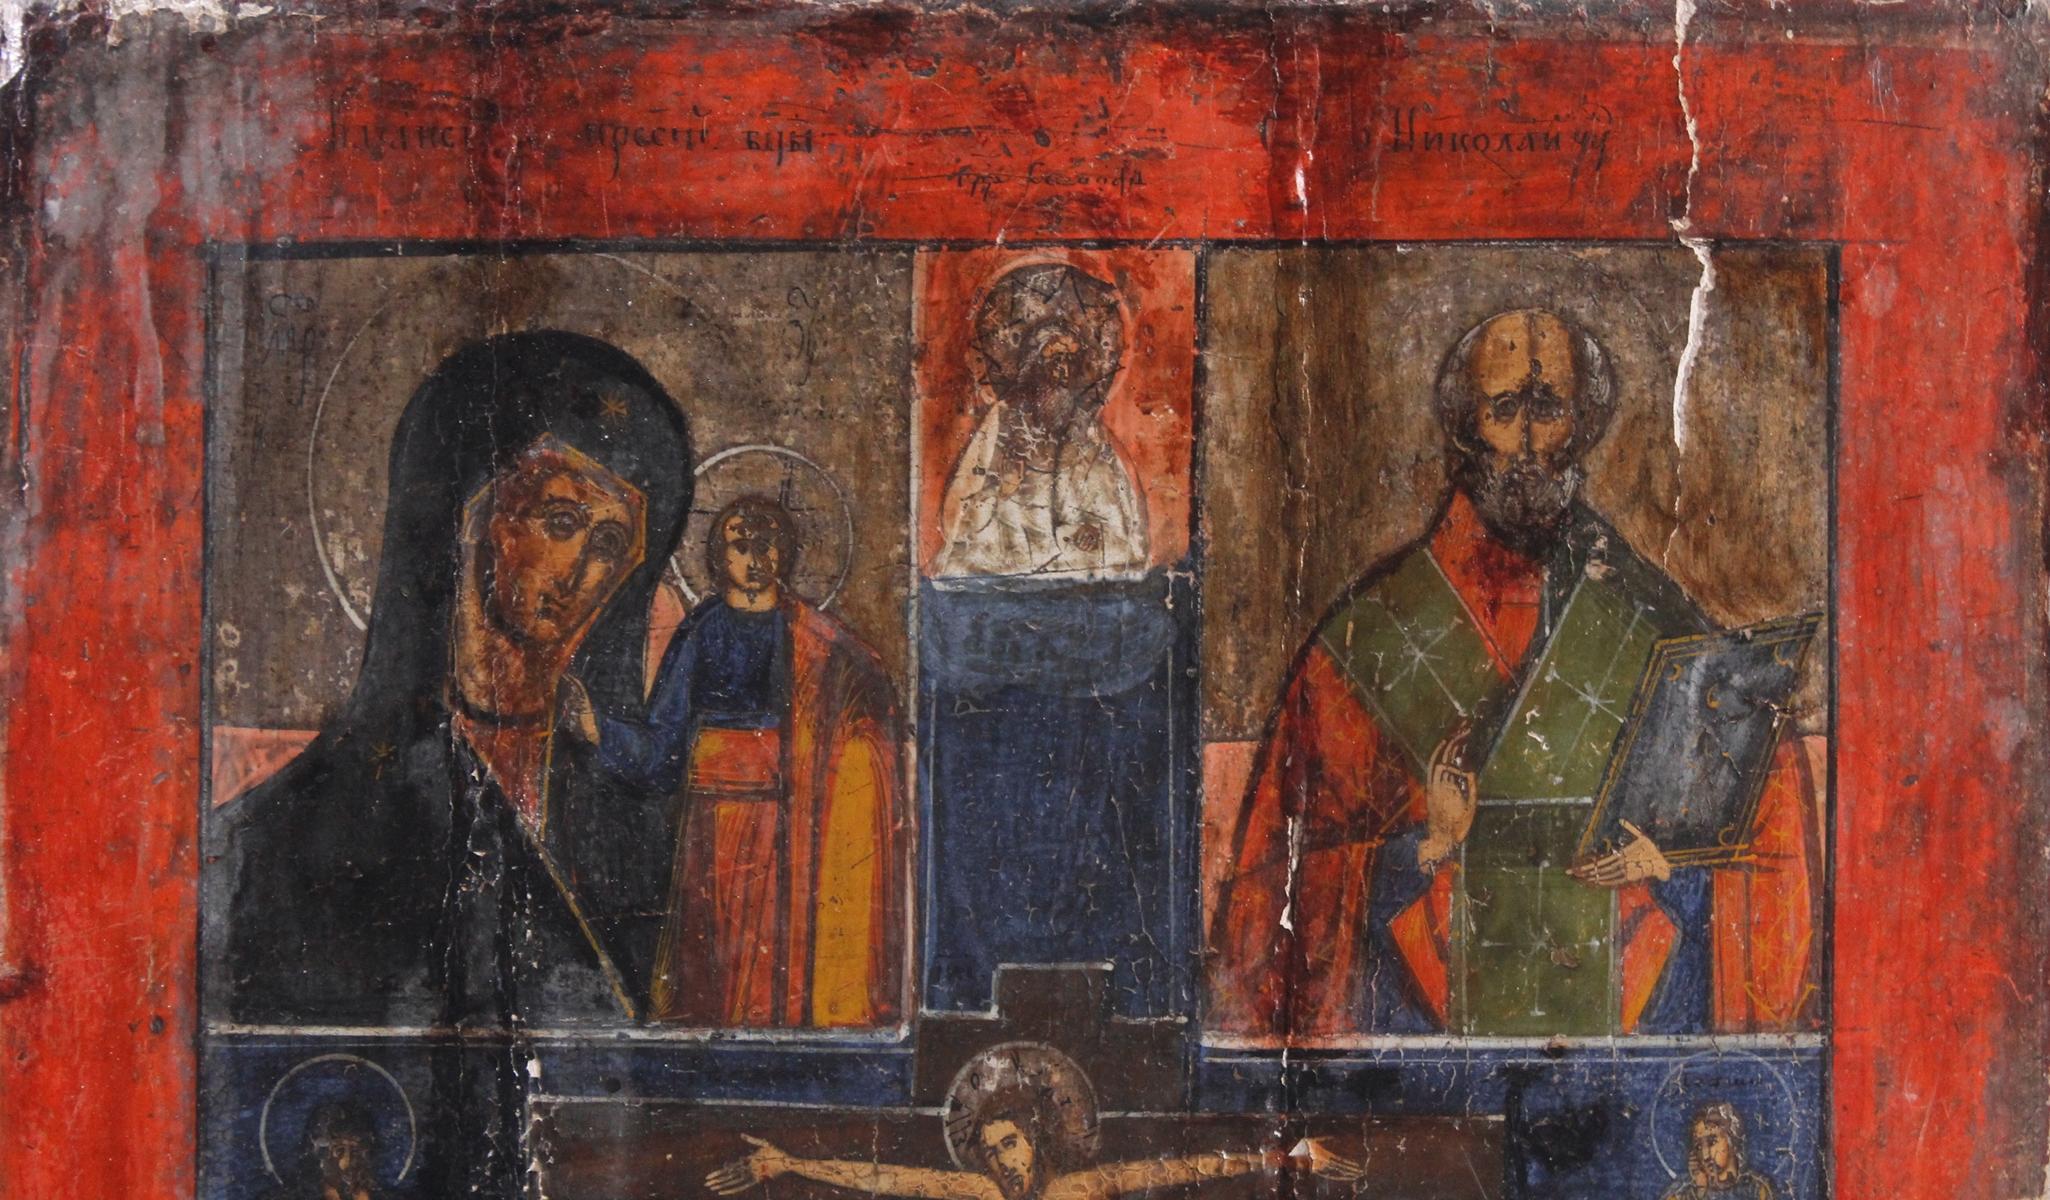 Vierfelder-Ikone, Russland 18. Jahrhundert-2